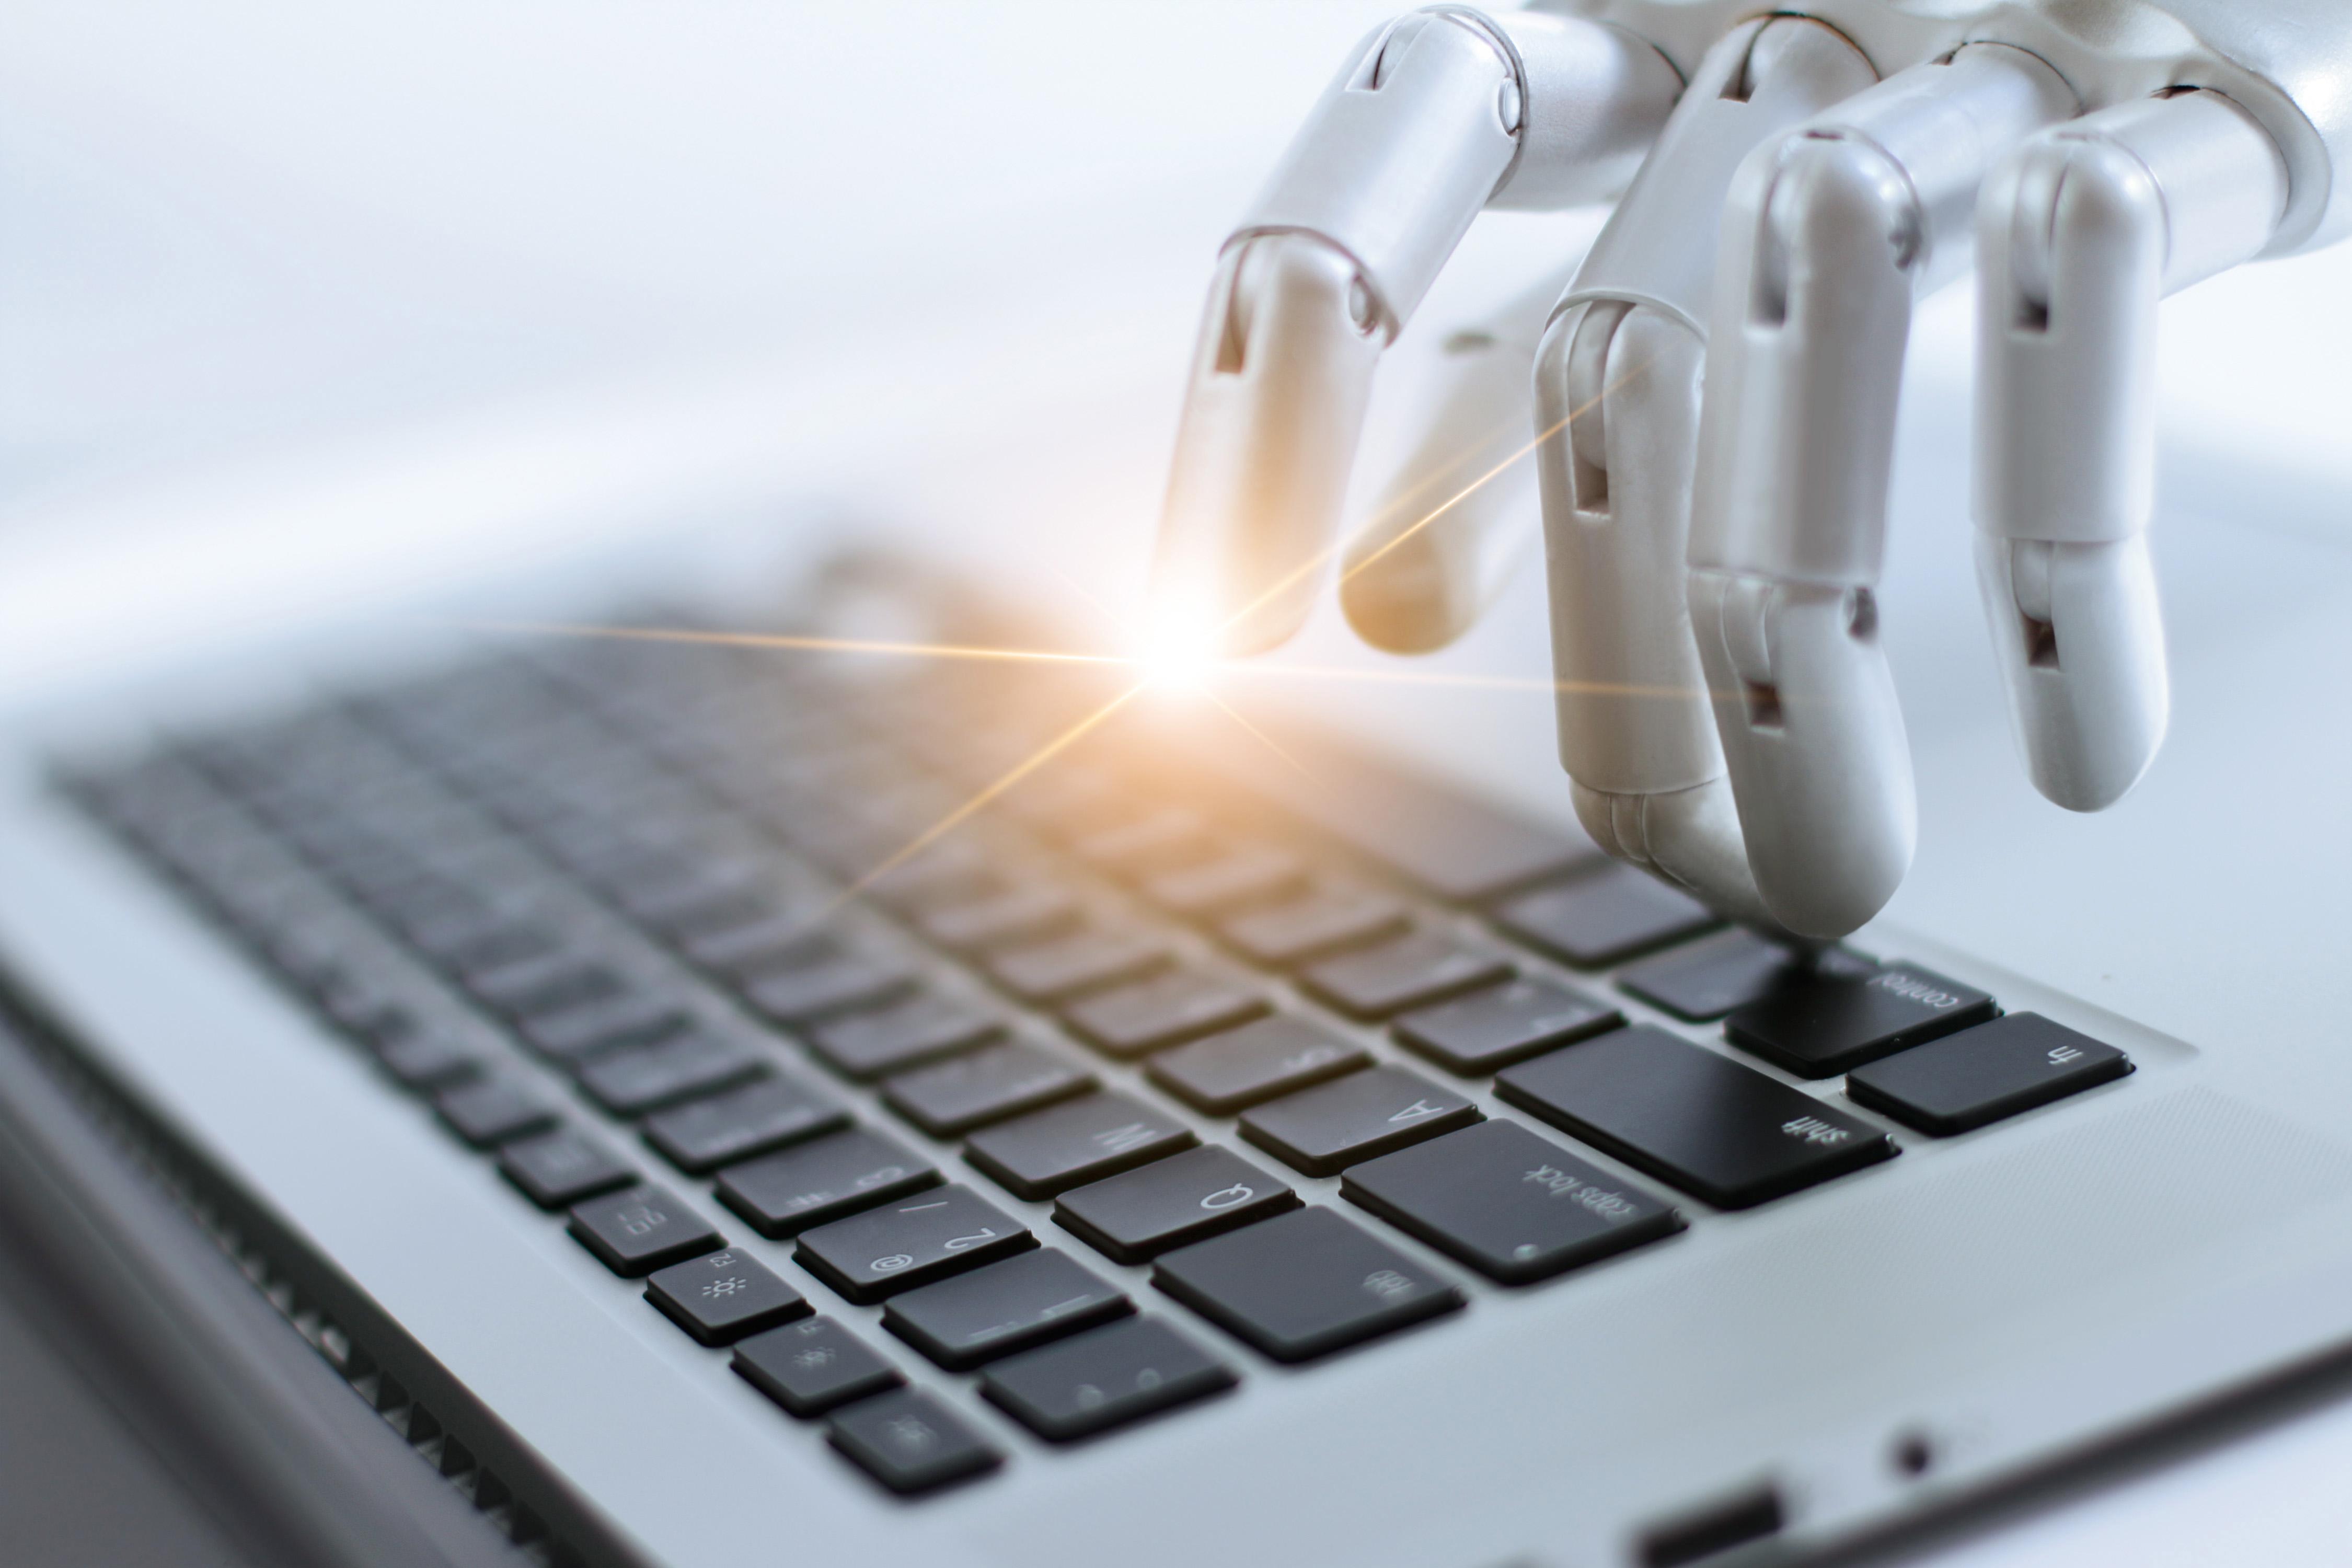 Roboţii software – un cost mic pentru organizaţie, dar un pas mare pentru productivitate